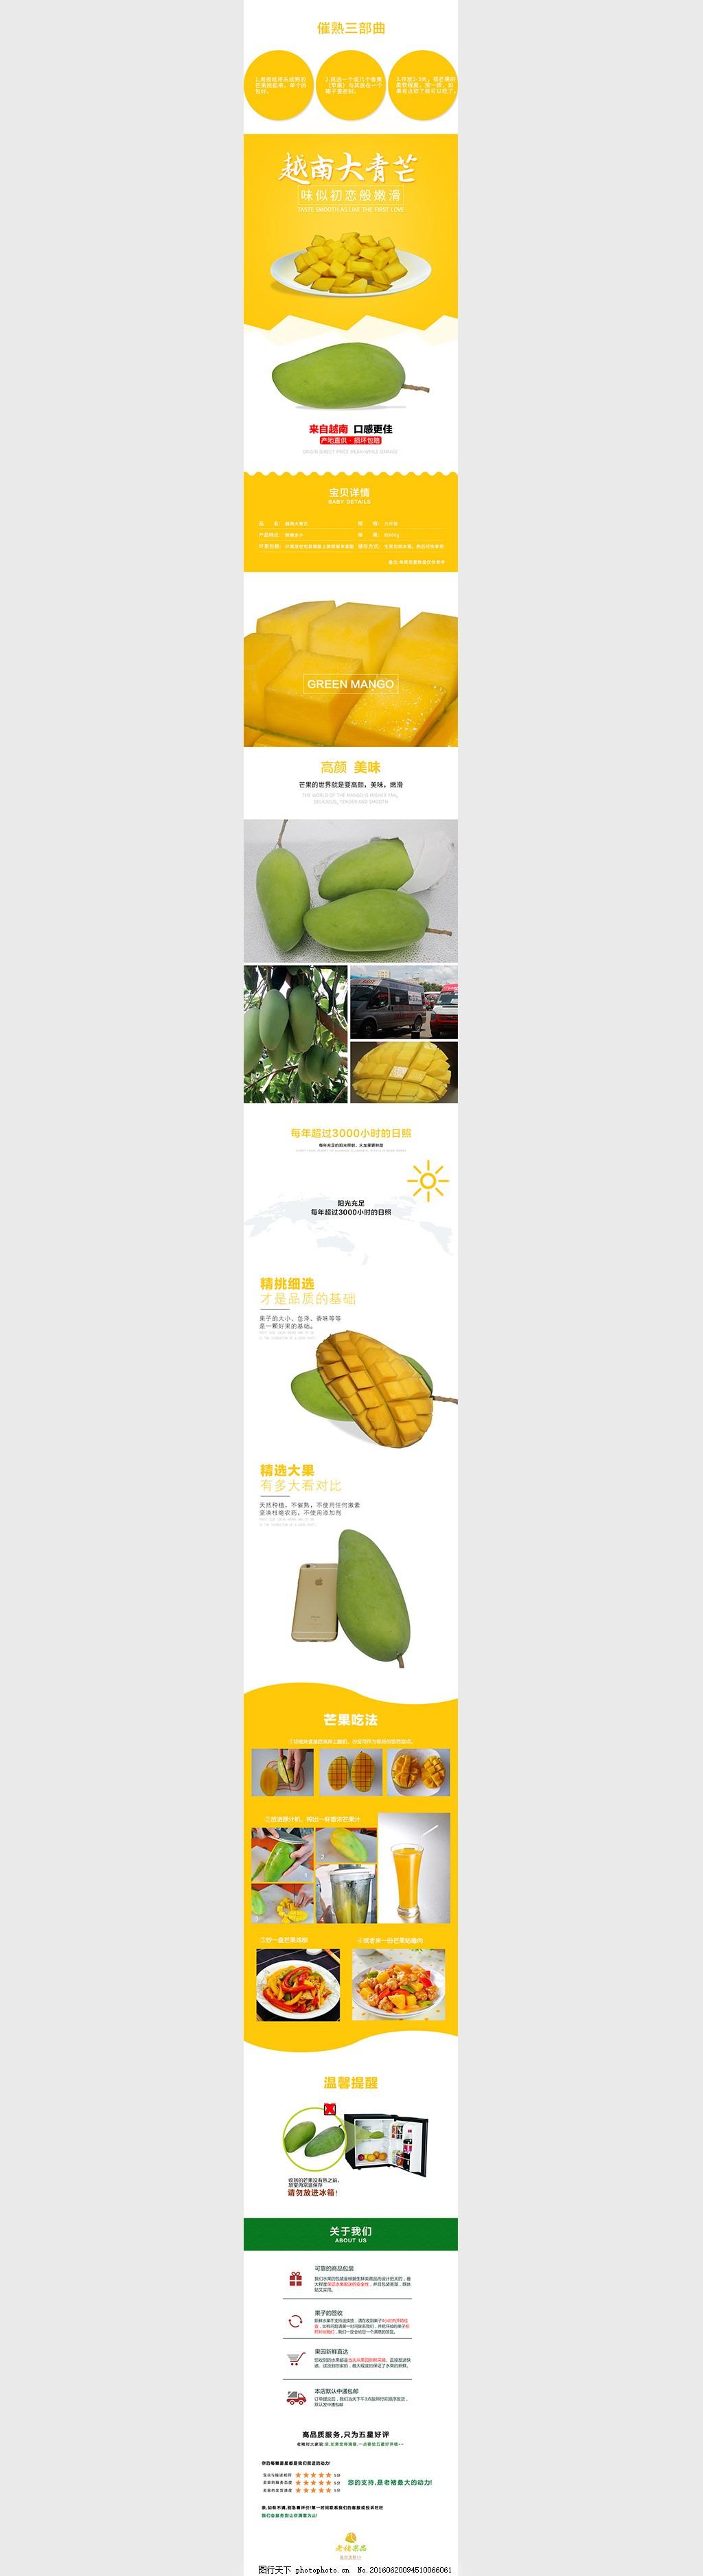 淘宝天猫水果店铺越南青芒果详情页